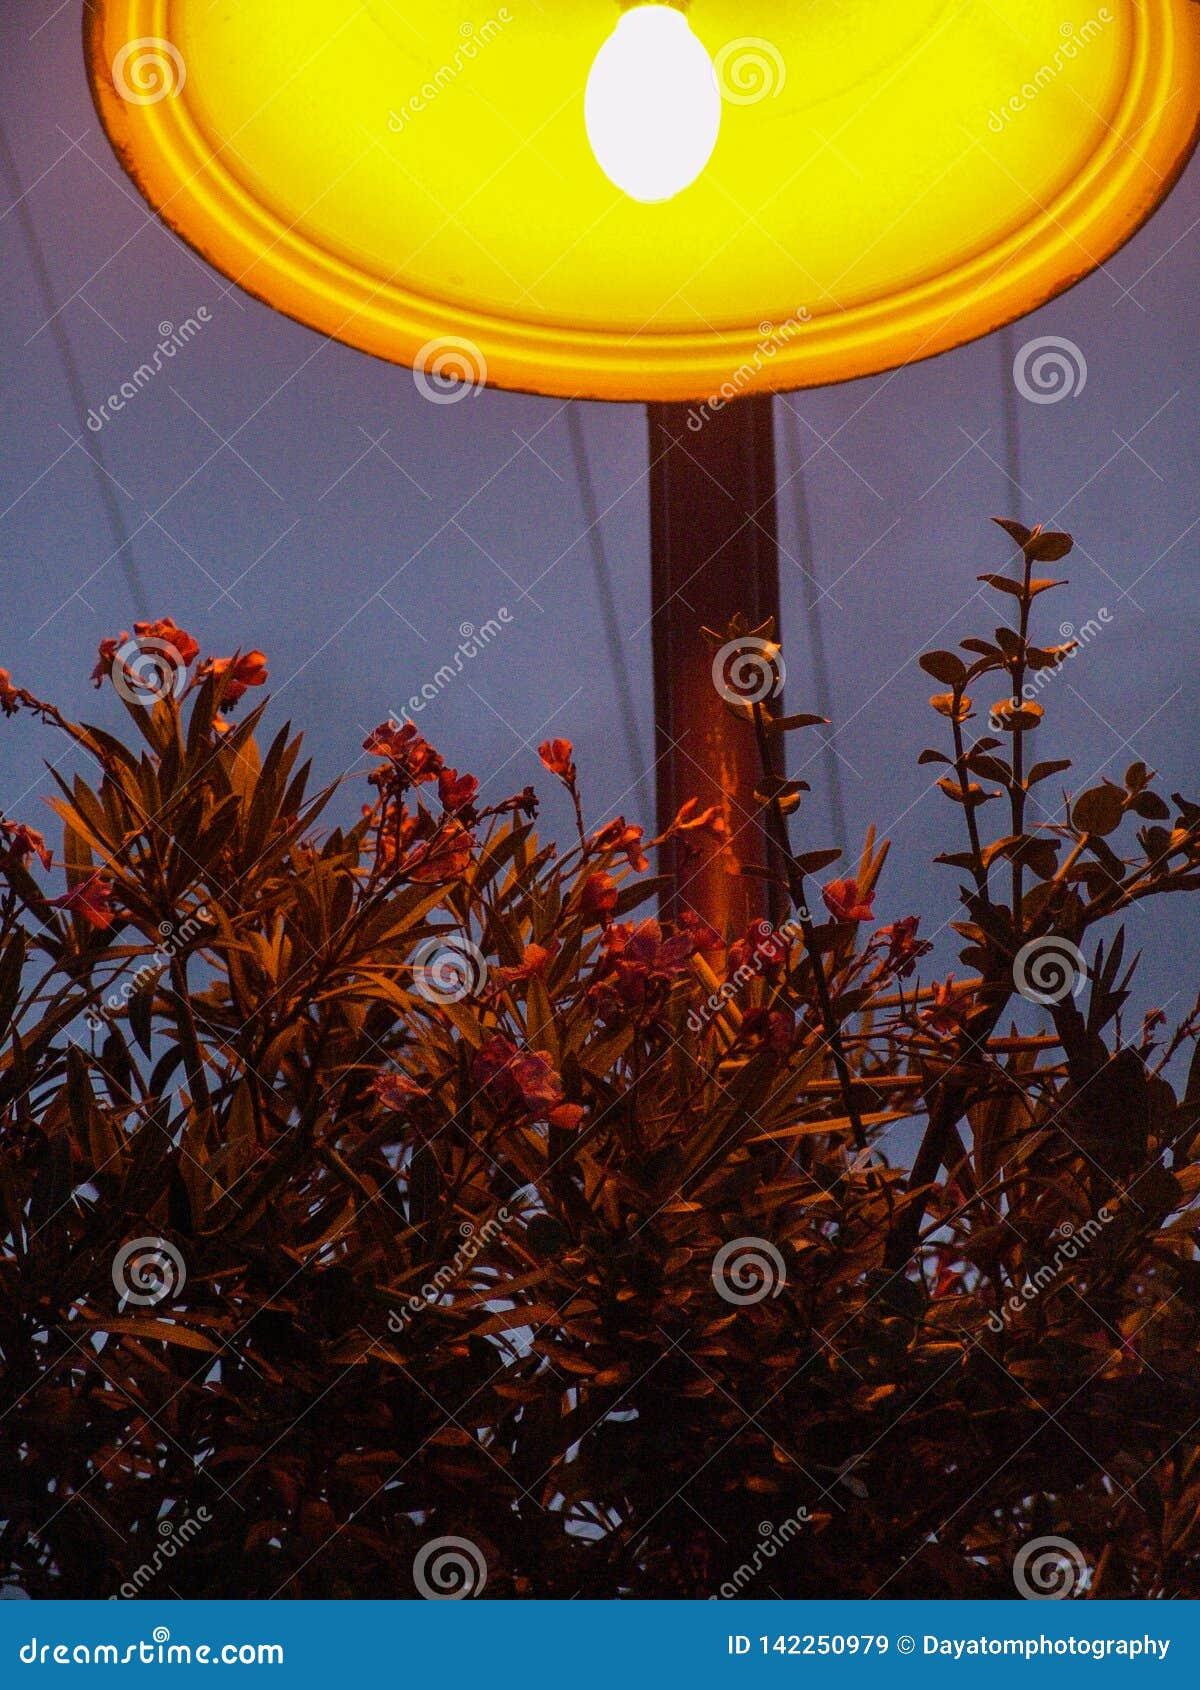 Κλείστε επάνω ενός κόκκινου ανθίζοντας θάμνου λουλουδιών κάτω από έναν αναμμένο πορτοκάλι λαμπτήρα πόλεων τη νύχτα, στο πάρκο Hol